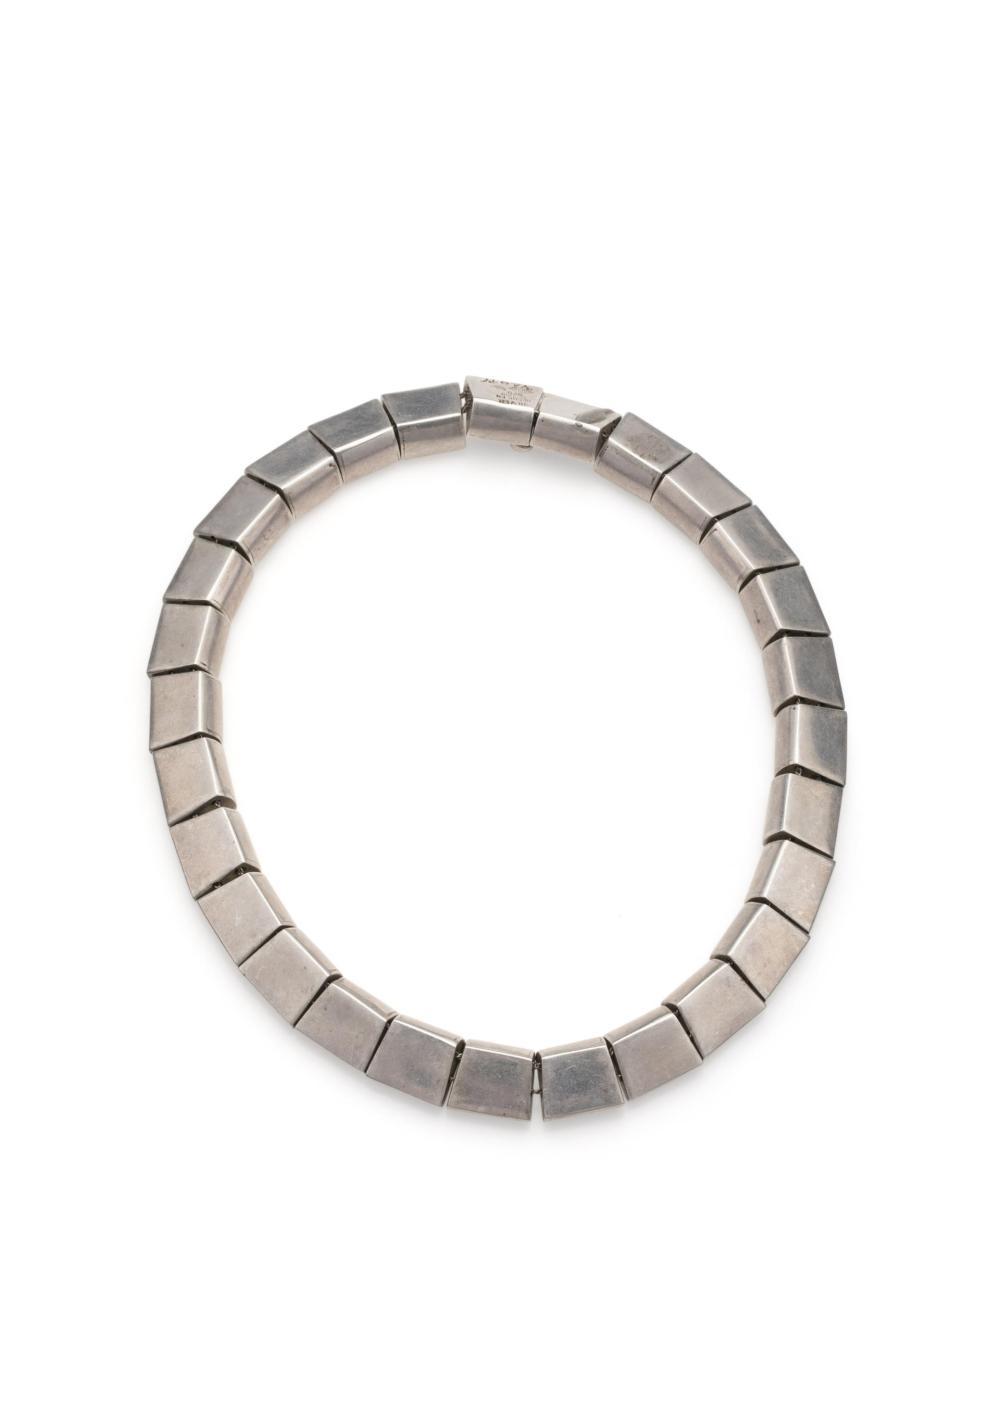 Two Antonio Pineda silver necklaces